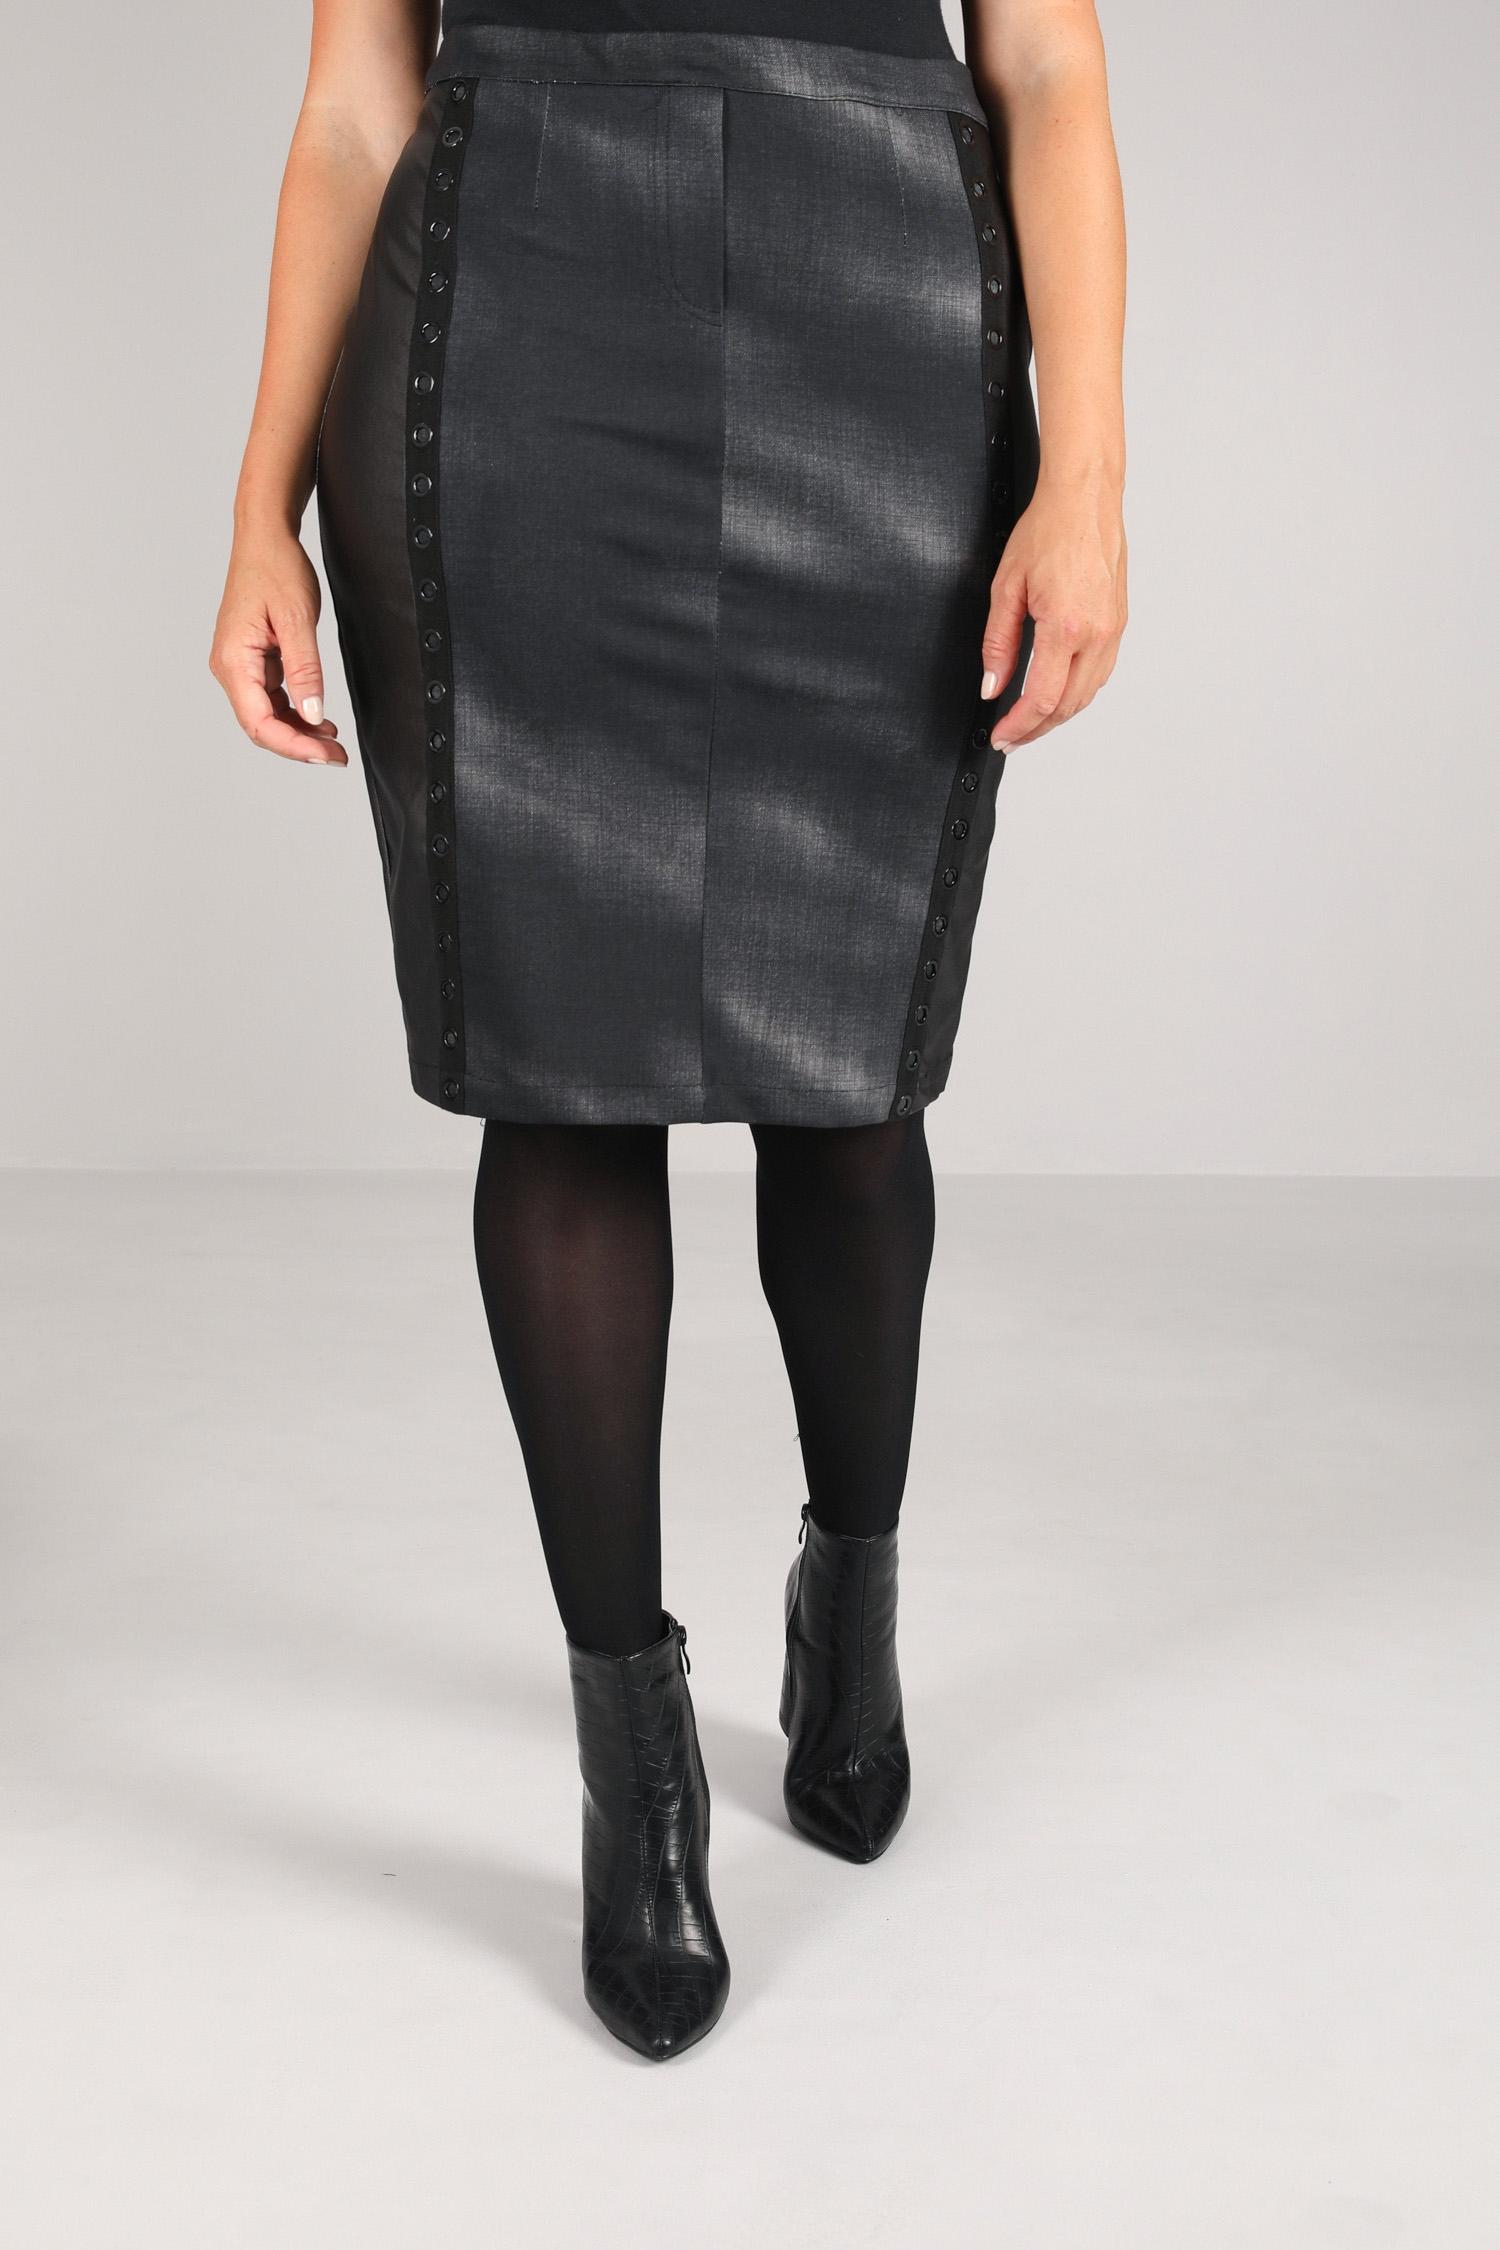 Bi-material straight skirt